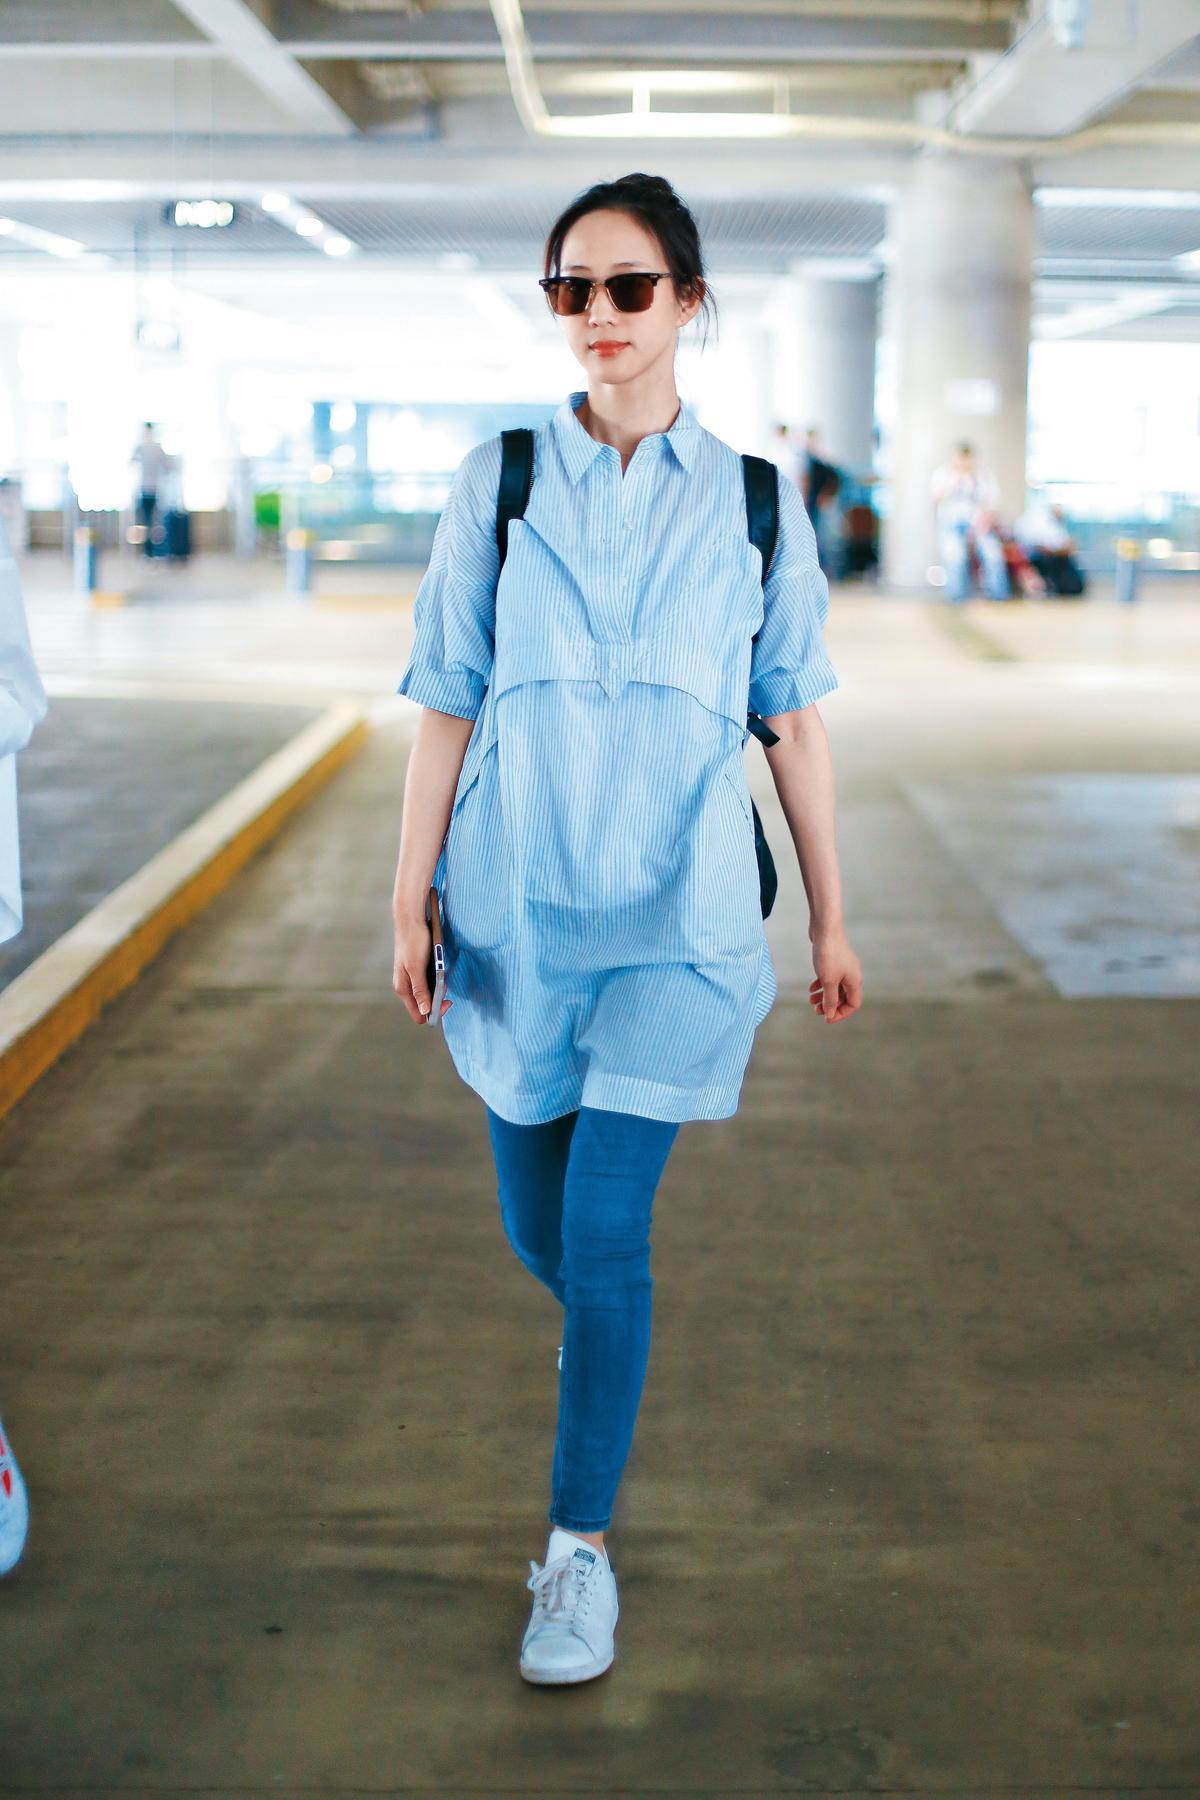 按照粉絲編排的劇本,張鈞甯入了北京機場之後,飛的是韓國,但其實同套裝扮的她,抵達的是上海機場。(東方IC)